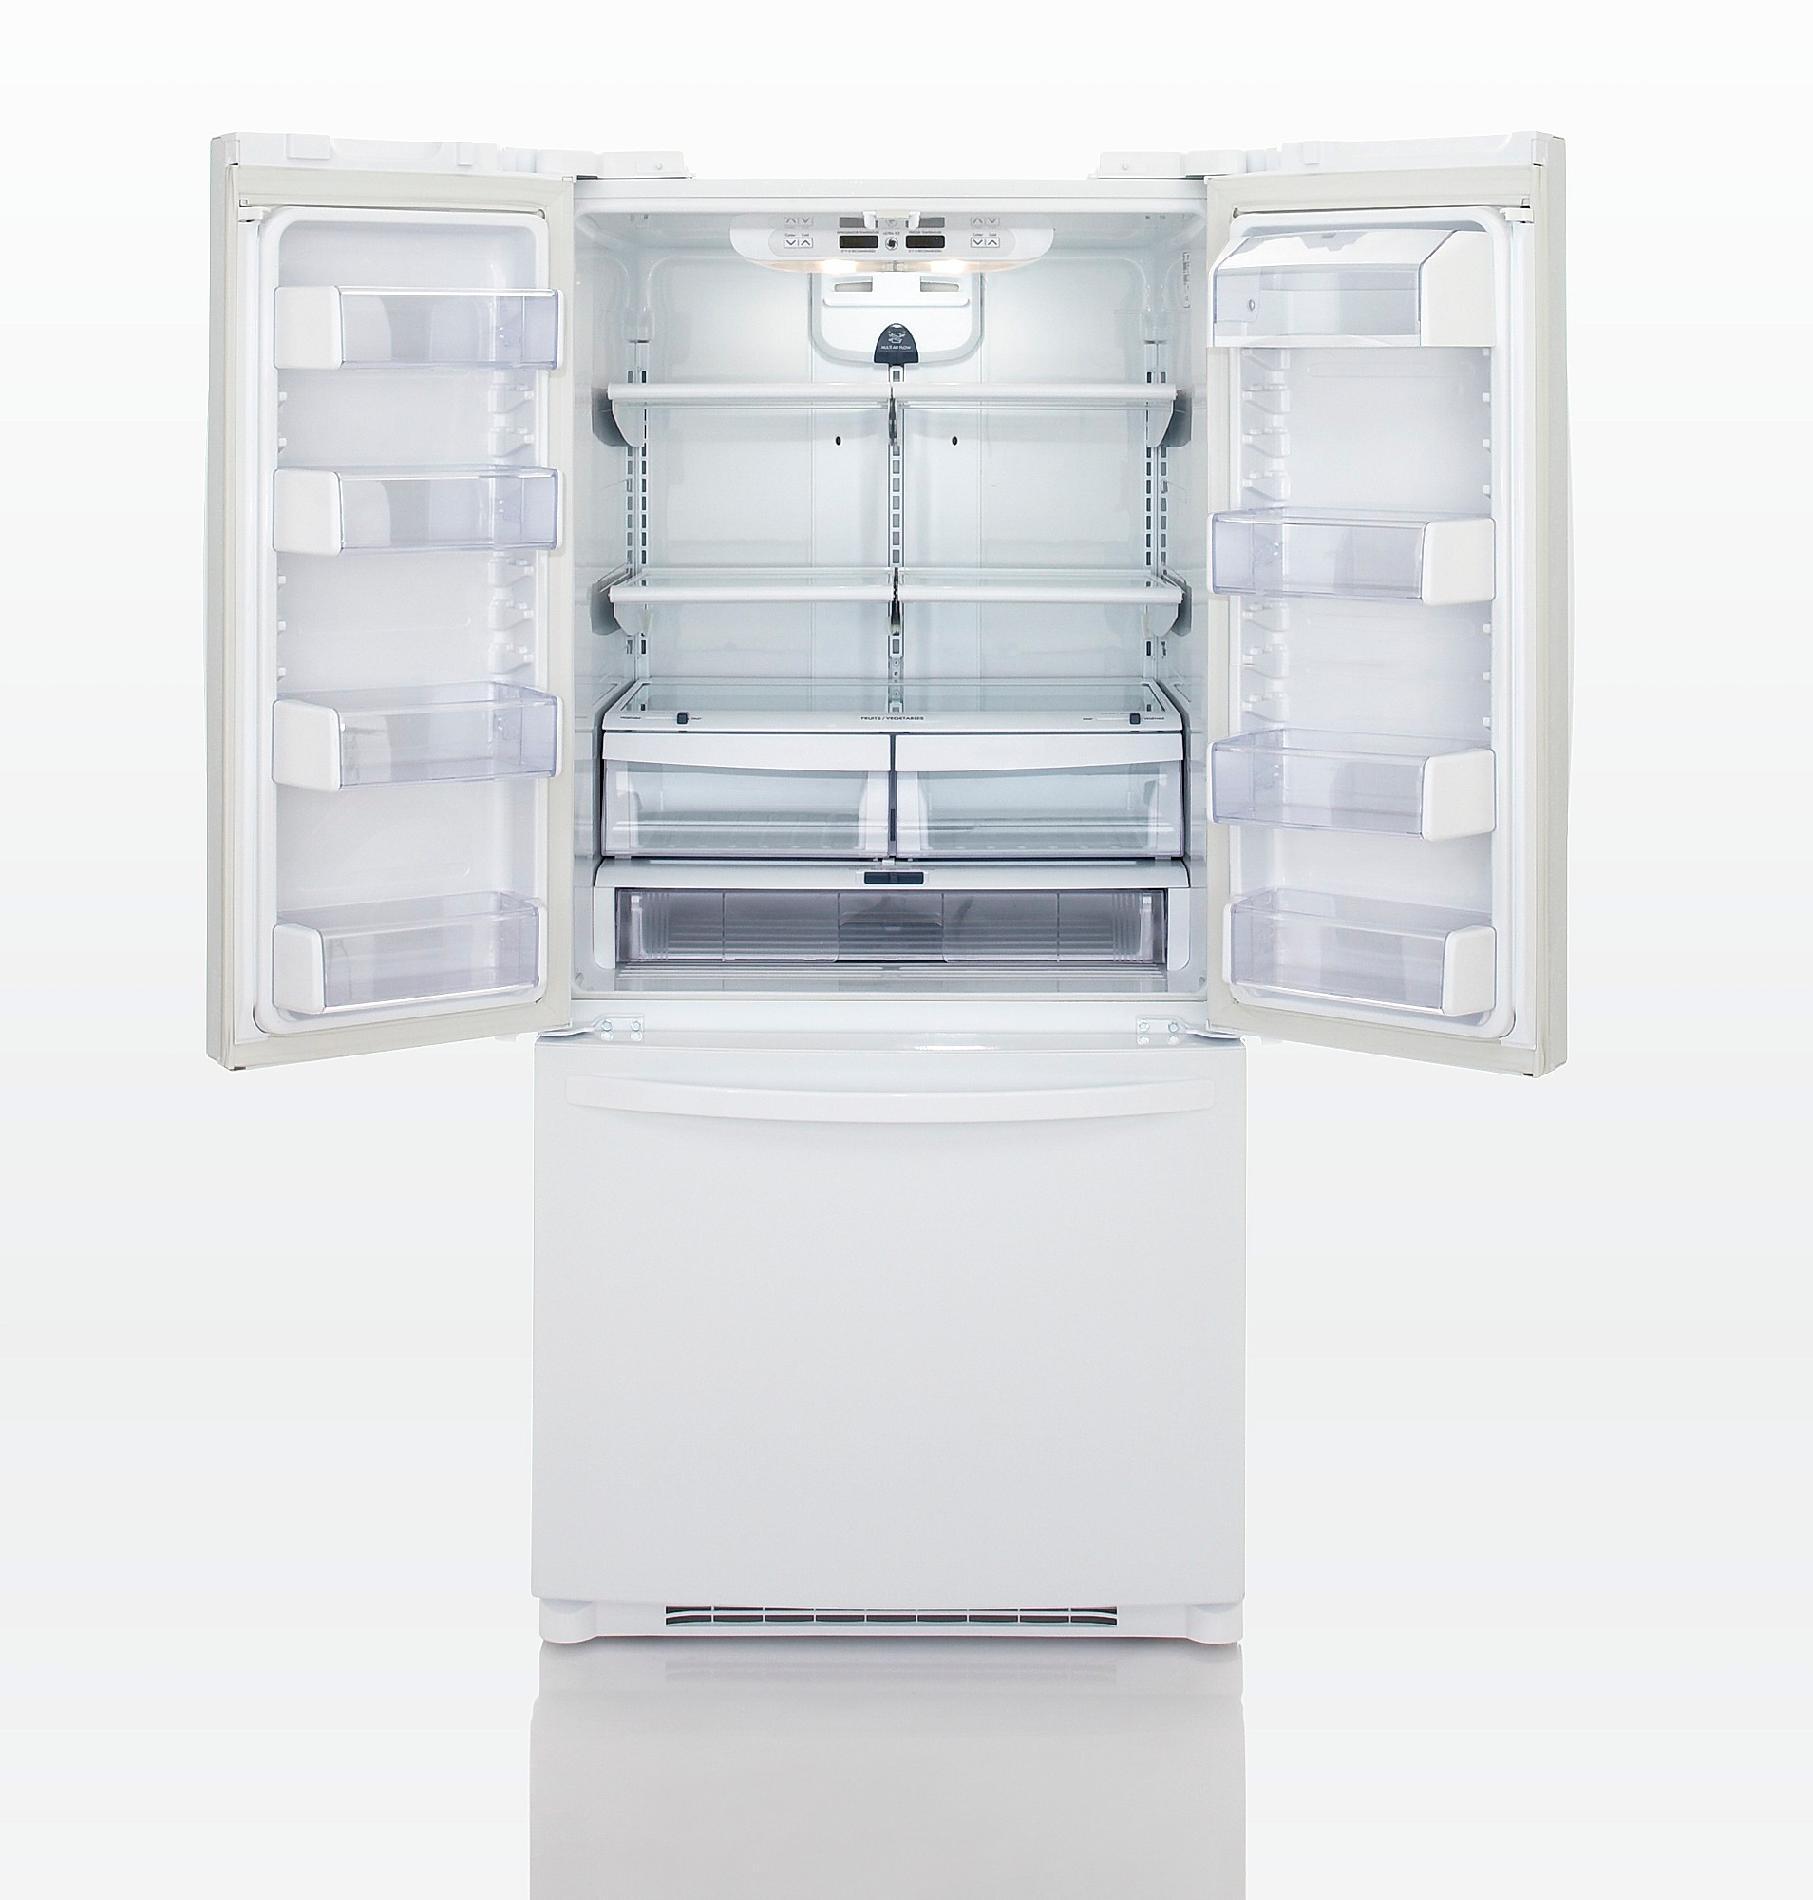 Kenmore 22.7 cu. ft. French Door Bottom Freezer Refrigerator